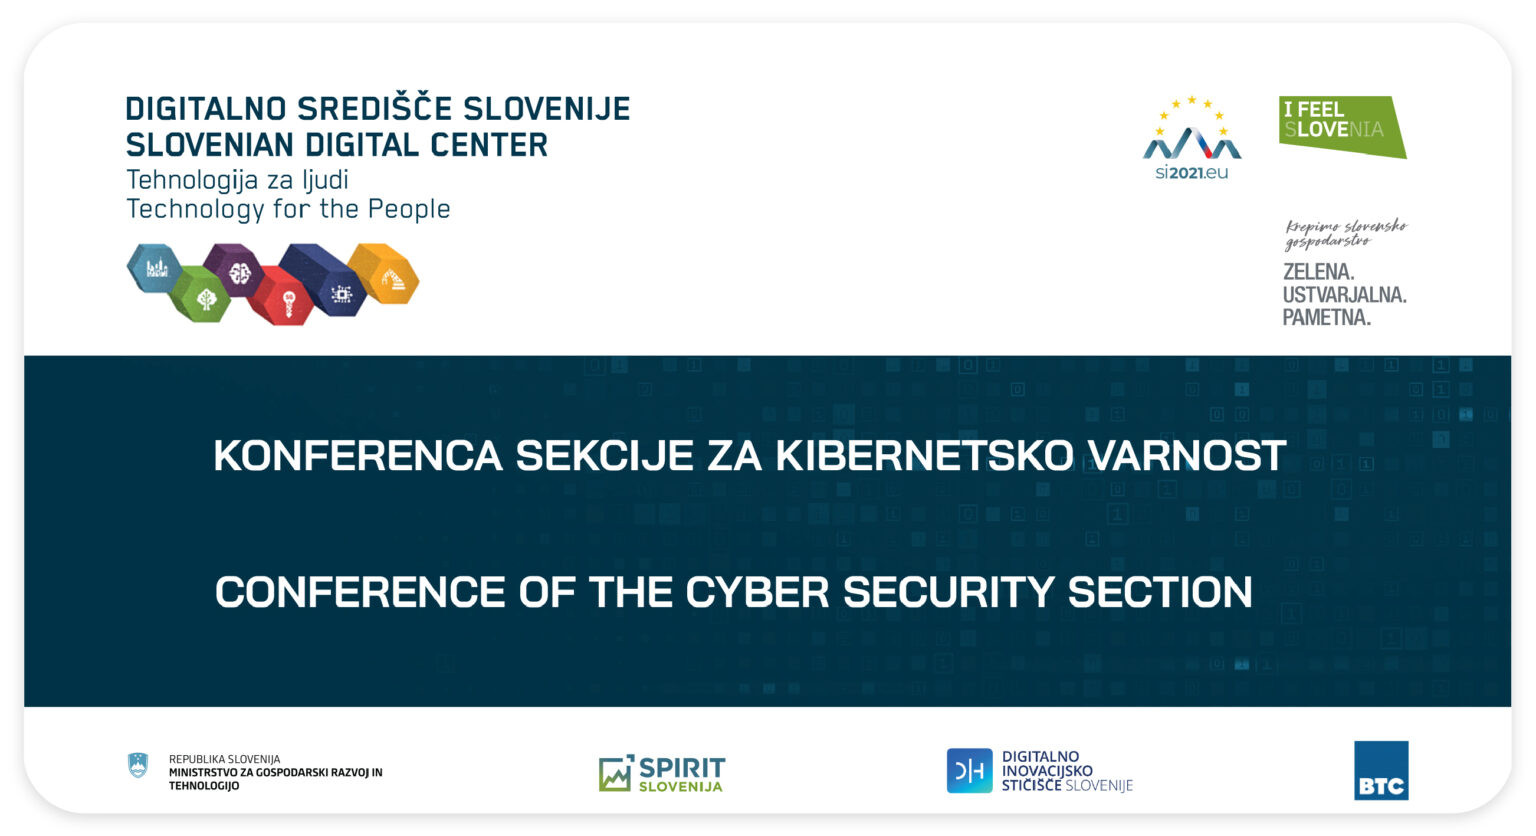 60 Spletna Stran Konferenca Sekcije Za Kibernetsko Varnost b 1 1536x836